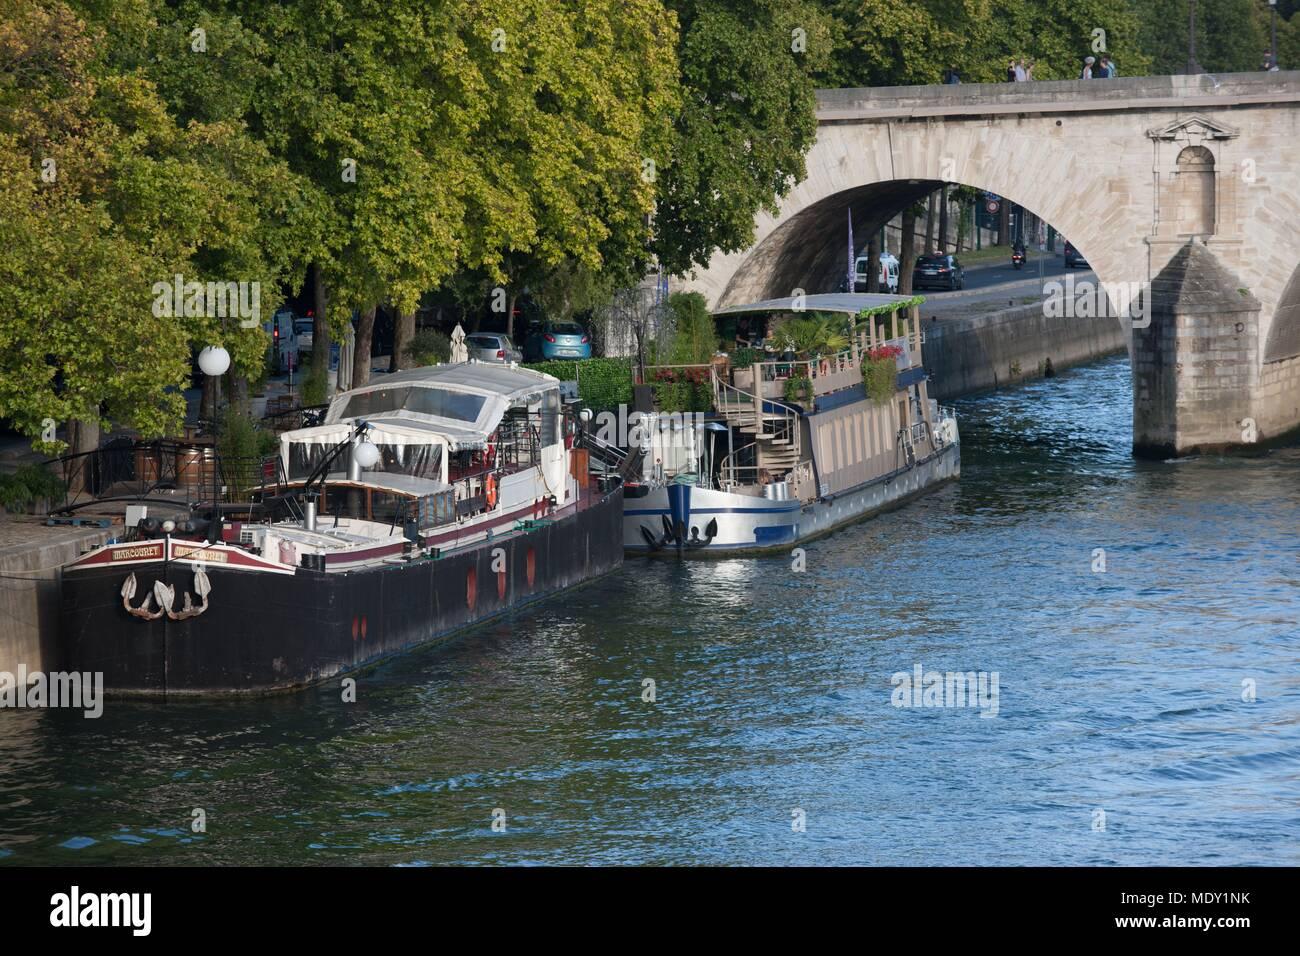 Paris, Île Saint Louis, view from the Pont Louis Philippe, tourist boat - Stock Image